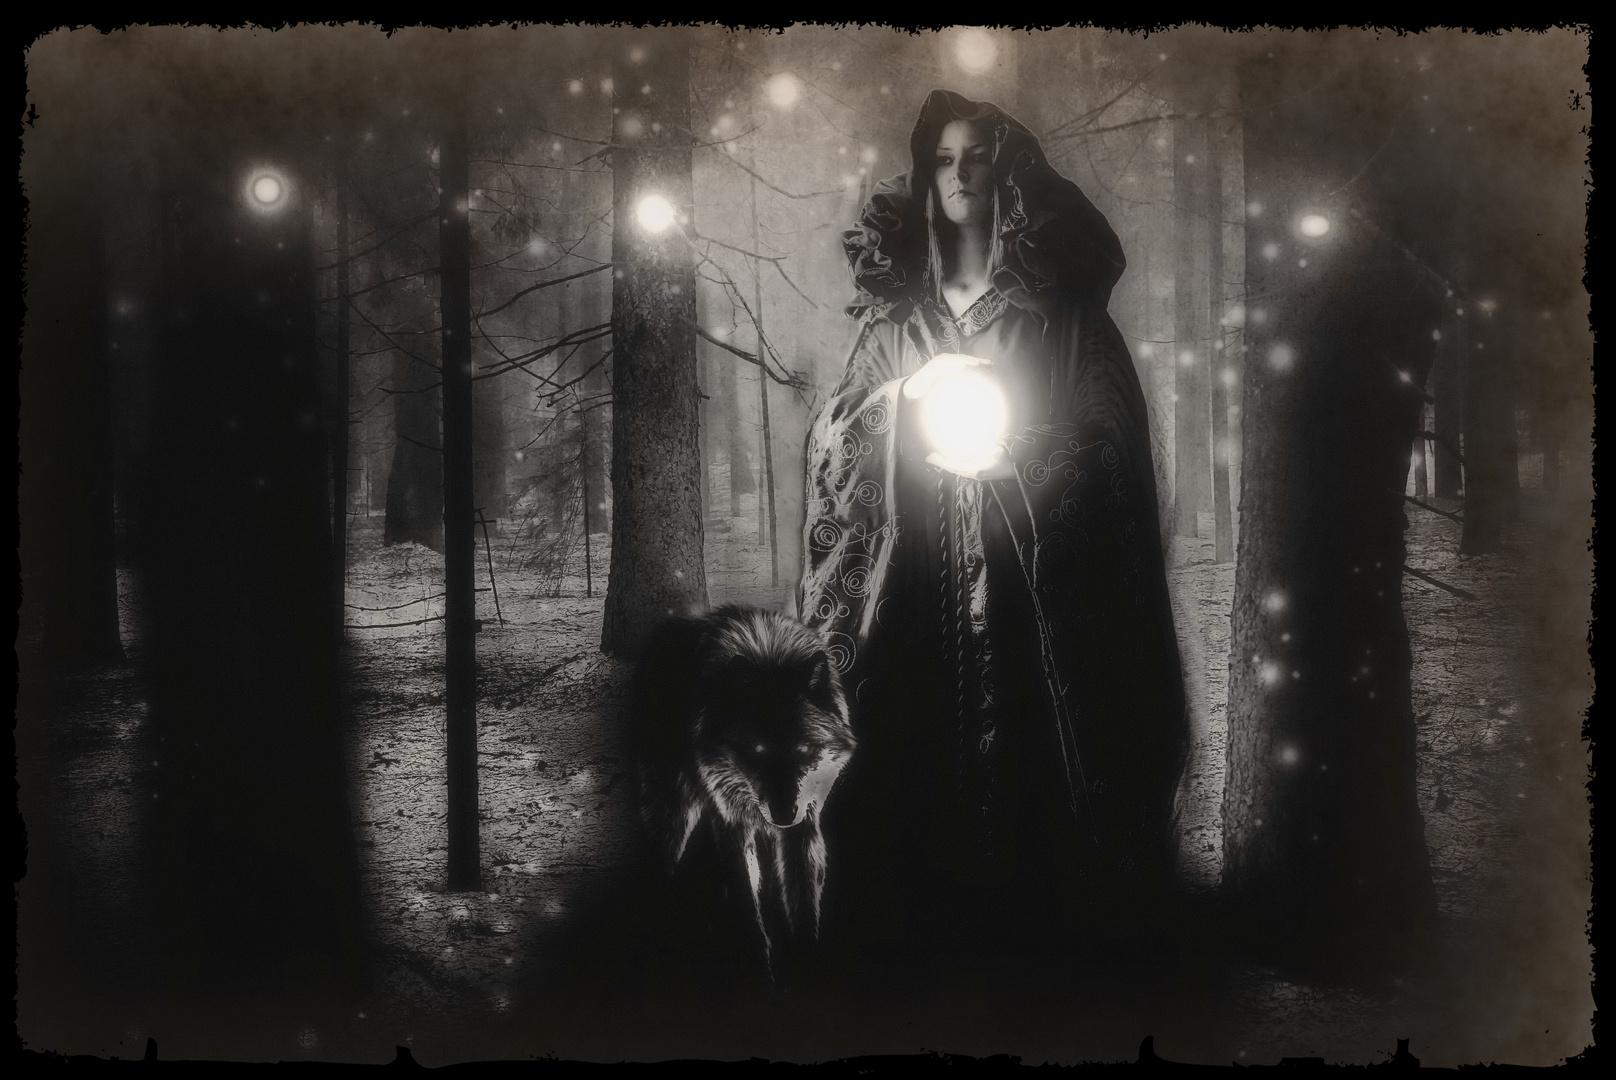 **** das magische Licht ****